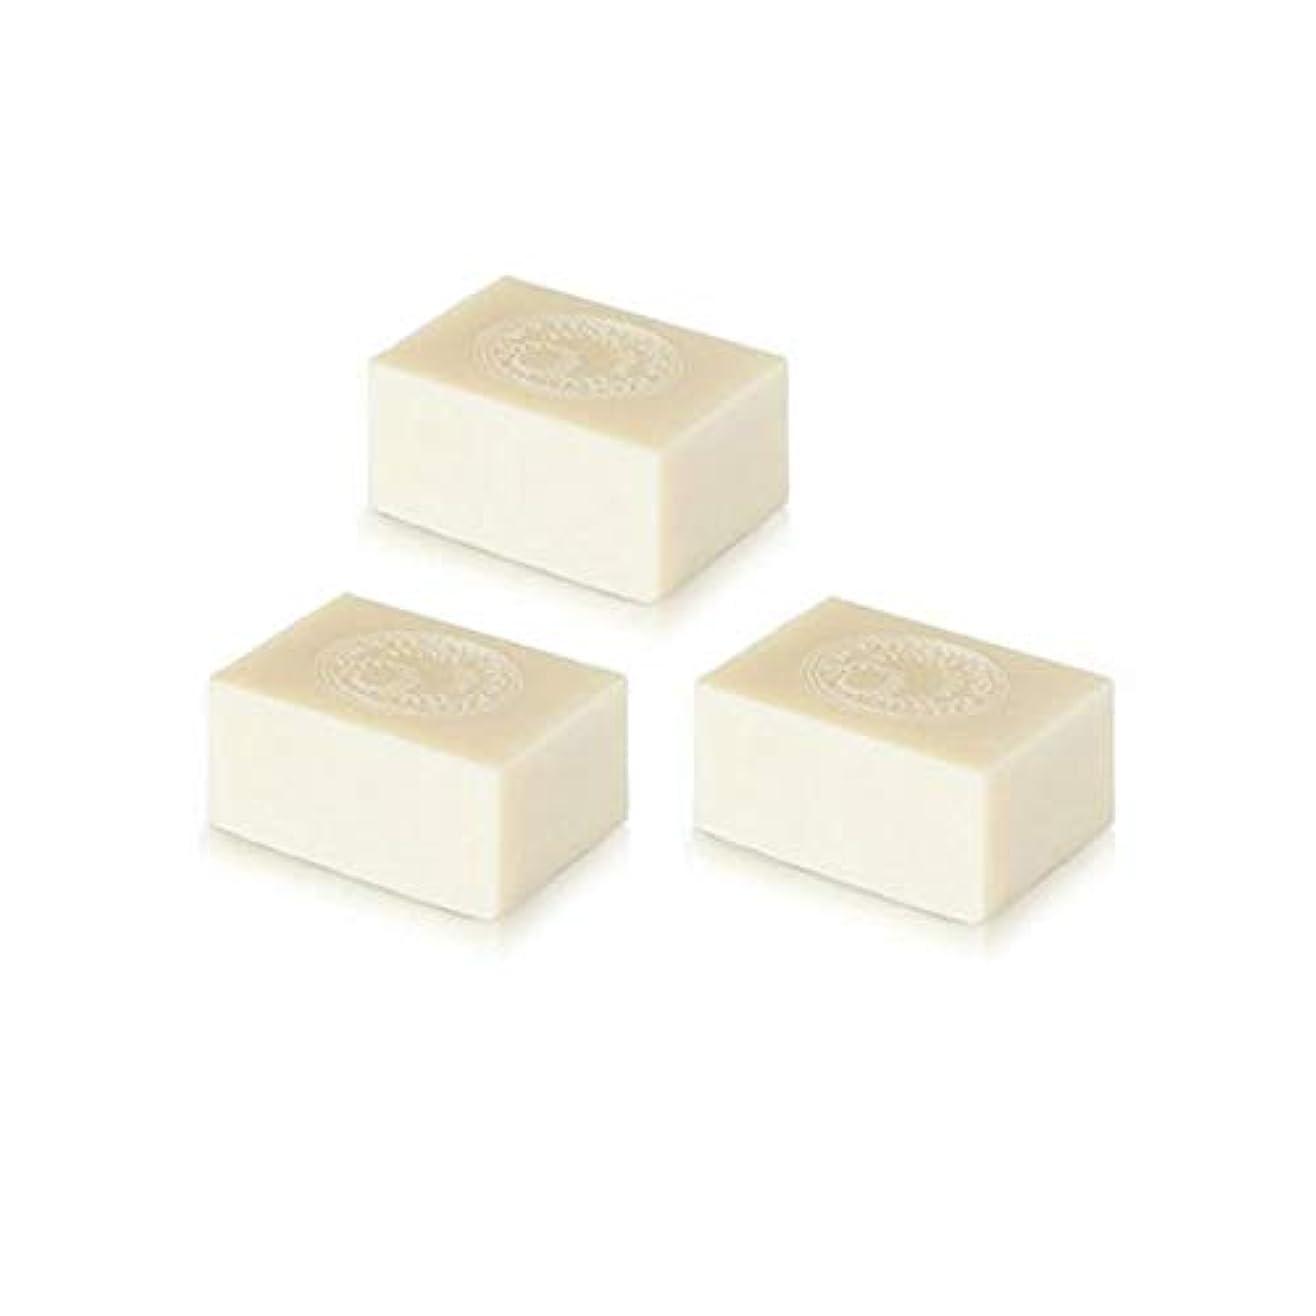 しゃがむ厚さレタッチアルガン石鹸3個セット( 145g ×3個) アルガンオイルの完全無添加石鹸